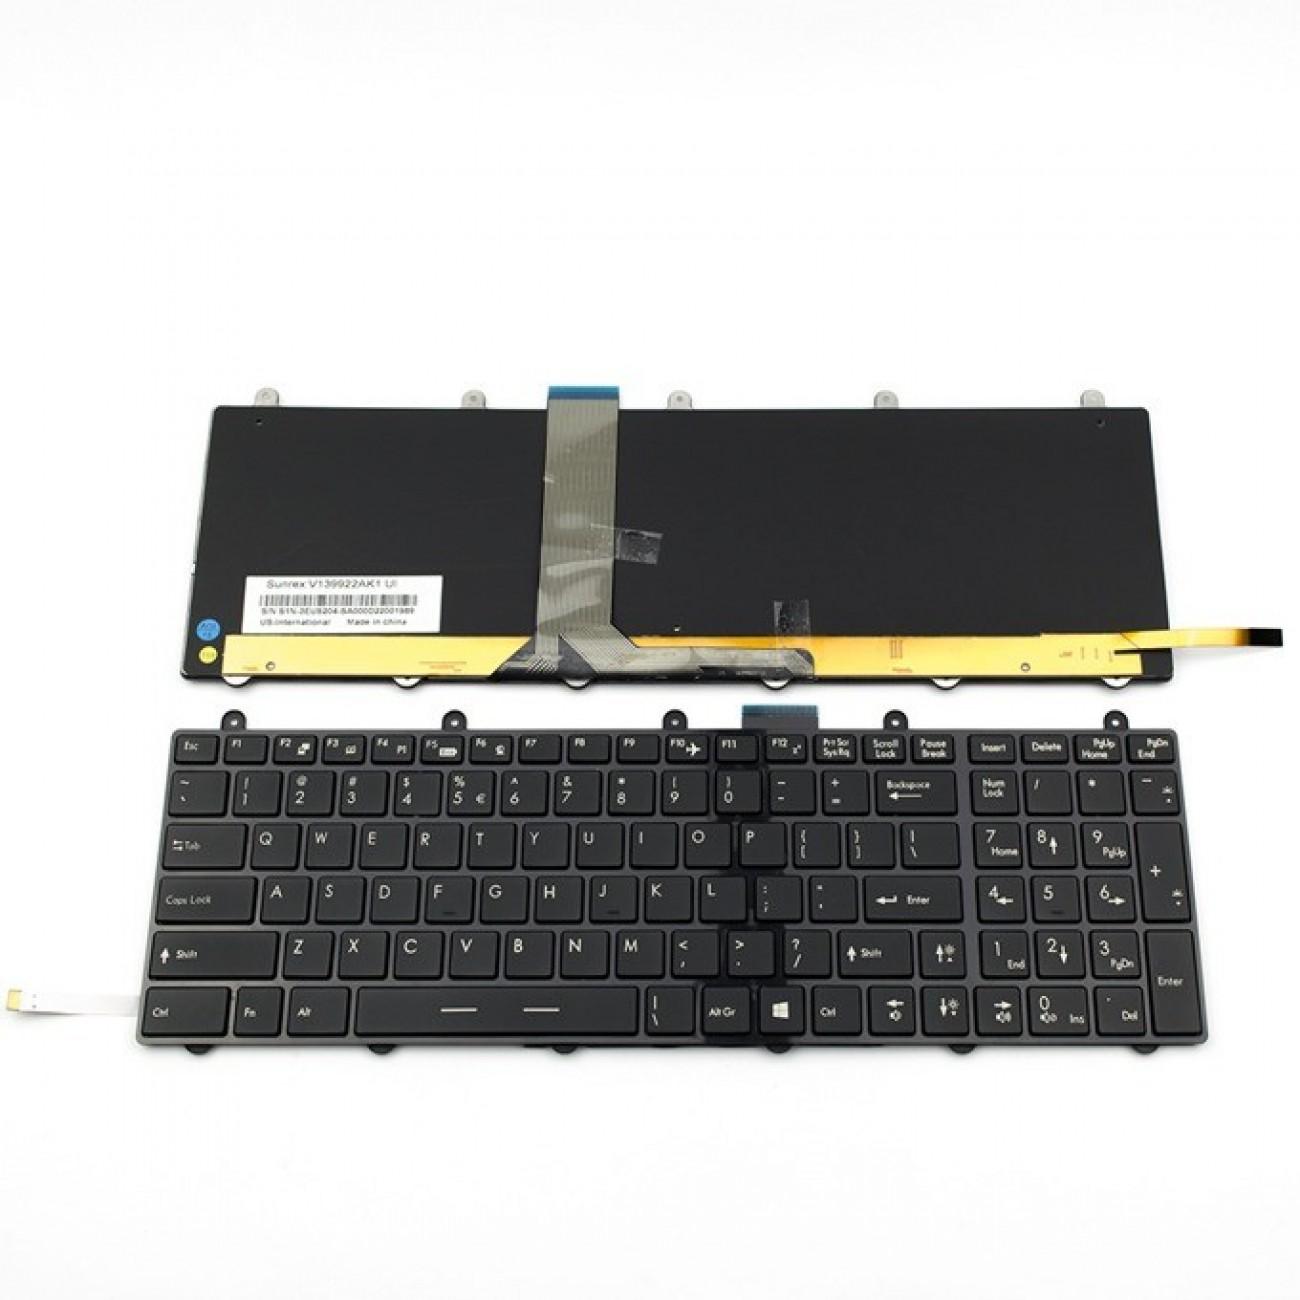 Клавиатура за MSI GT60/GT70/GT780/GT783/GX780, US, с рамка, с подсветка, черна в Резервни части -  | Alleop